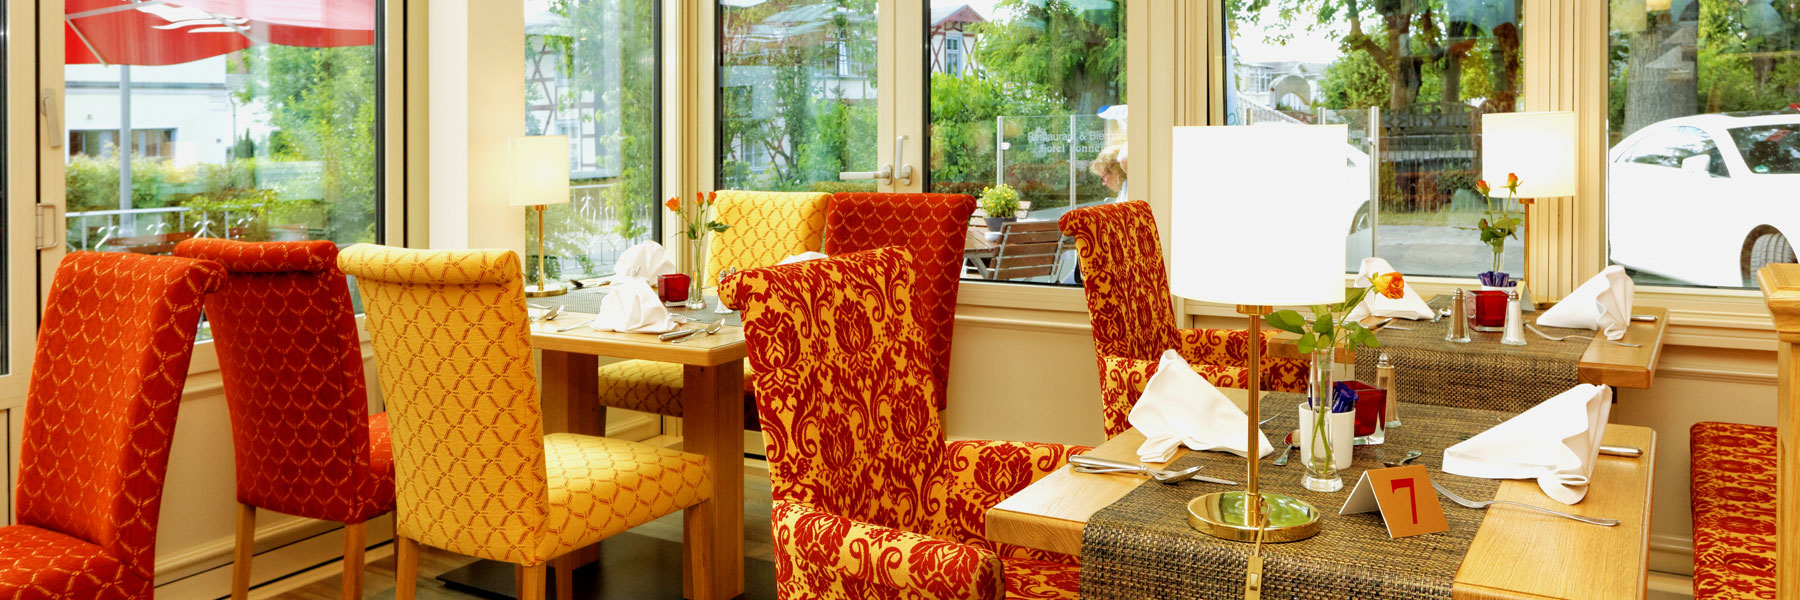 Tisch im Restaurant - Hotel Sonneneck